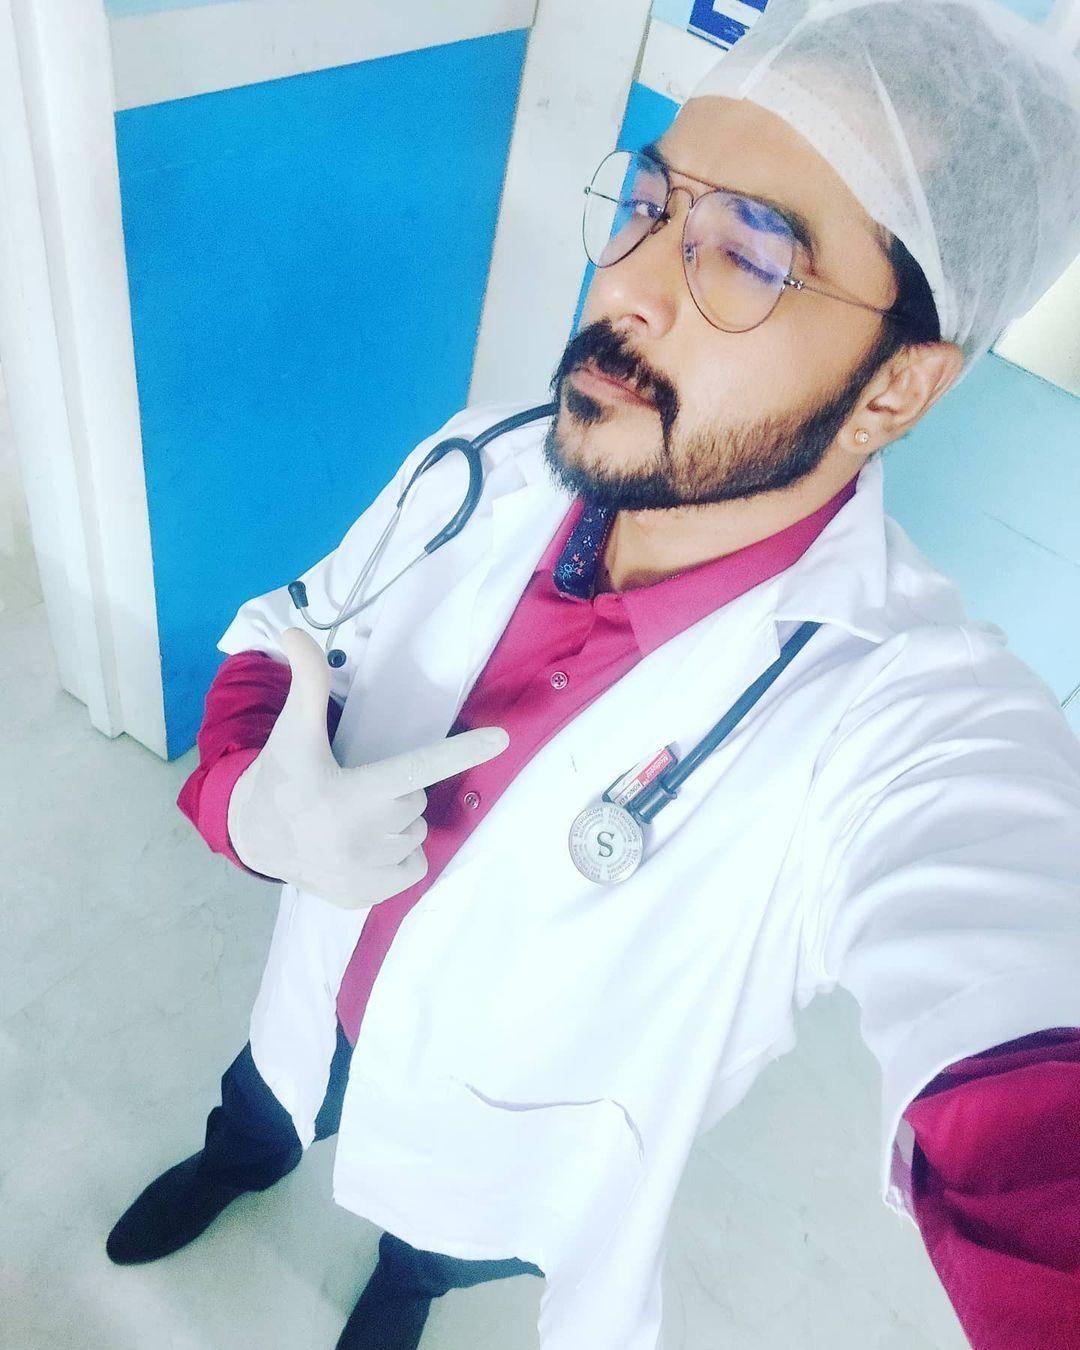 'ஆனந்தி' சீரியலில் இணைந்த பிரபல சீரியல் நடிகர்